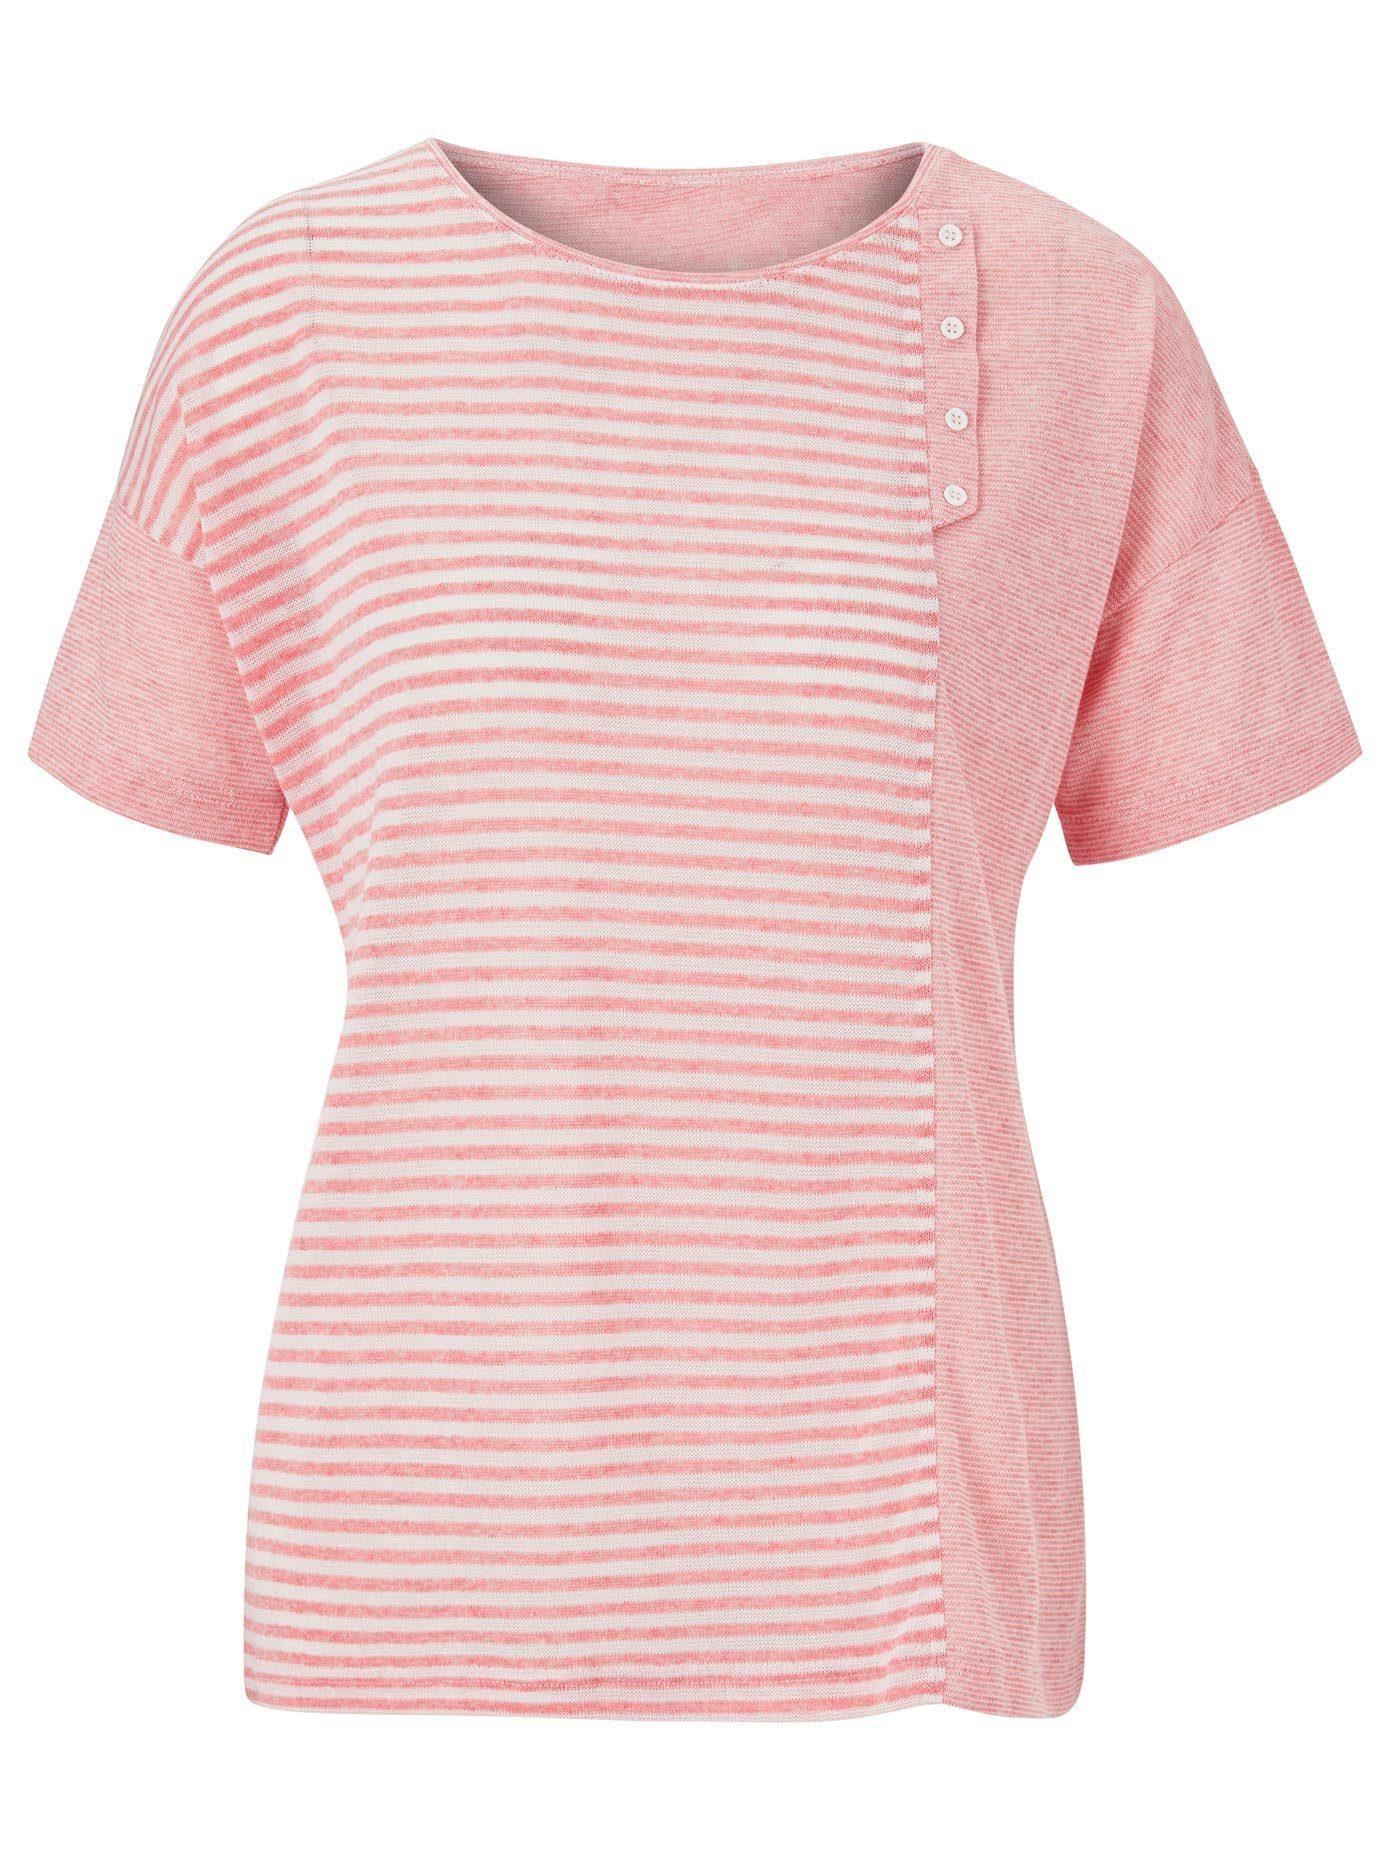 Casual Looks Rundhalsshirt online kaufen ExDQ0g 9bdD8t